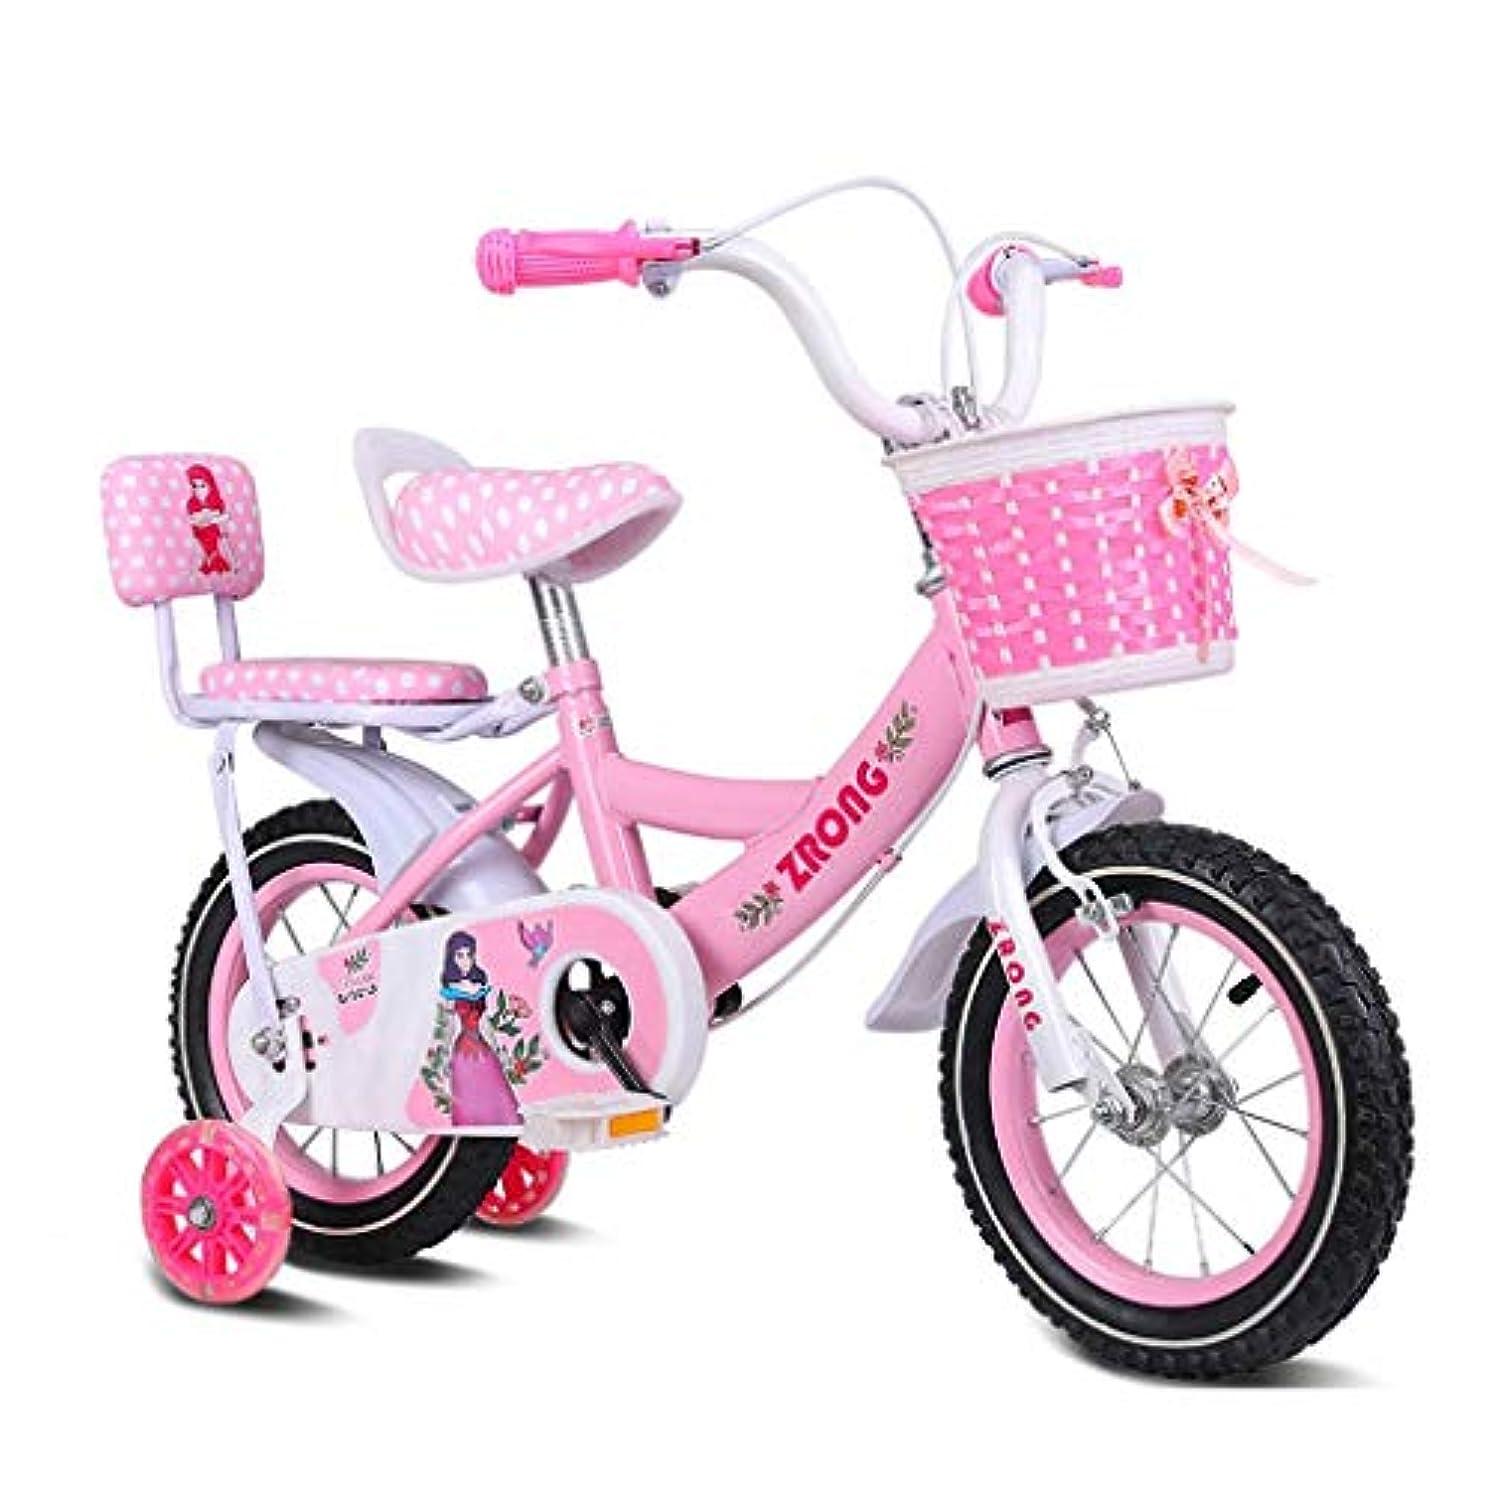 触手ホストオーラルYing-CC 自転車 子供自転車16インチの女の子バイク4-7歳ベビーカー高炭素鋼バイク、ピンク/パープル/ブルー子供の自転車(カラー:ピンク) 屋外スポーツ